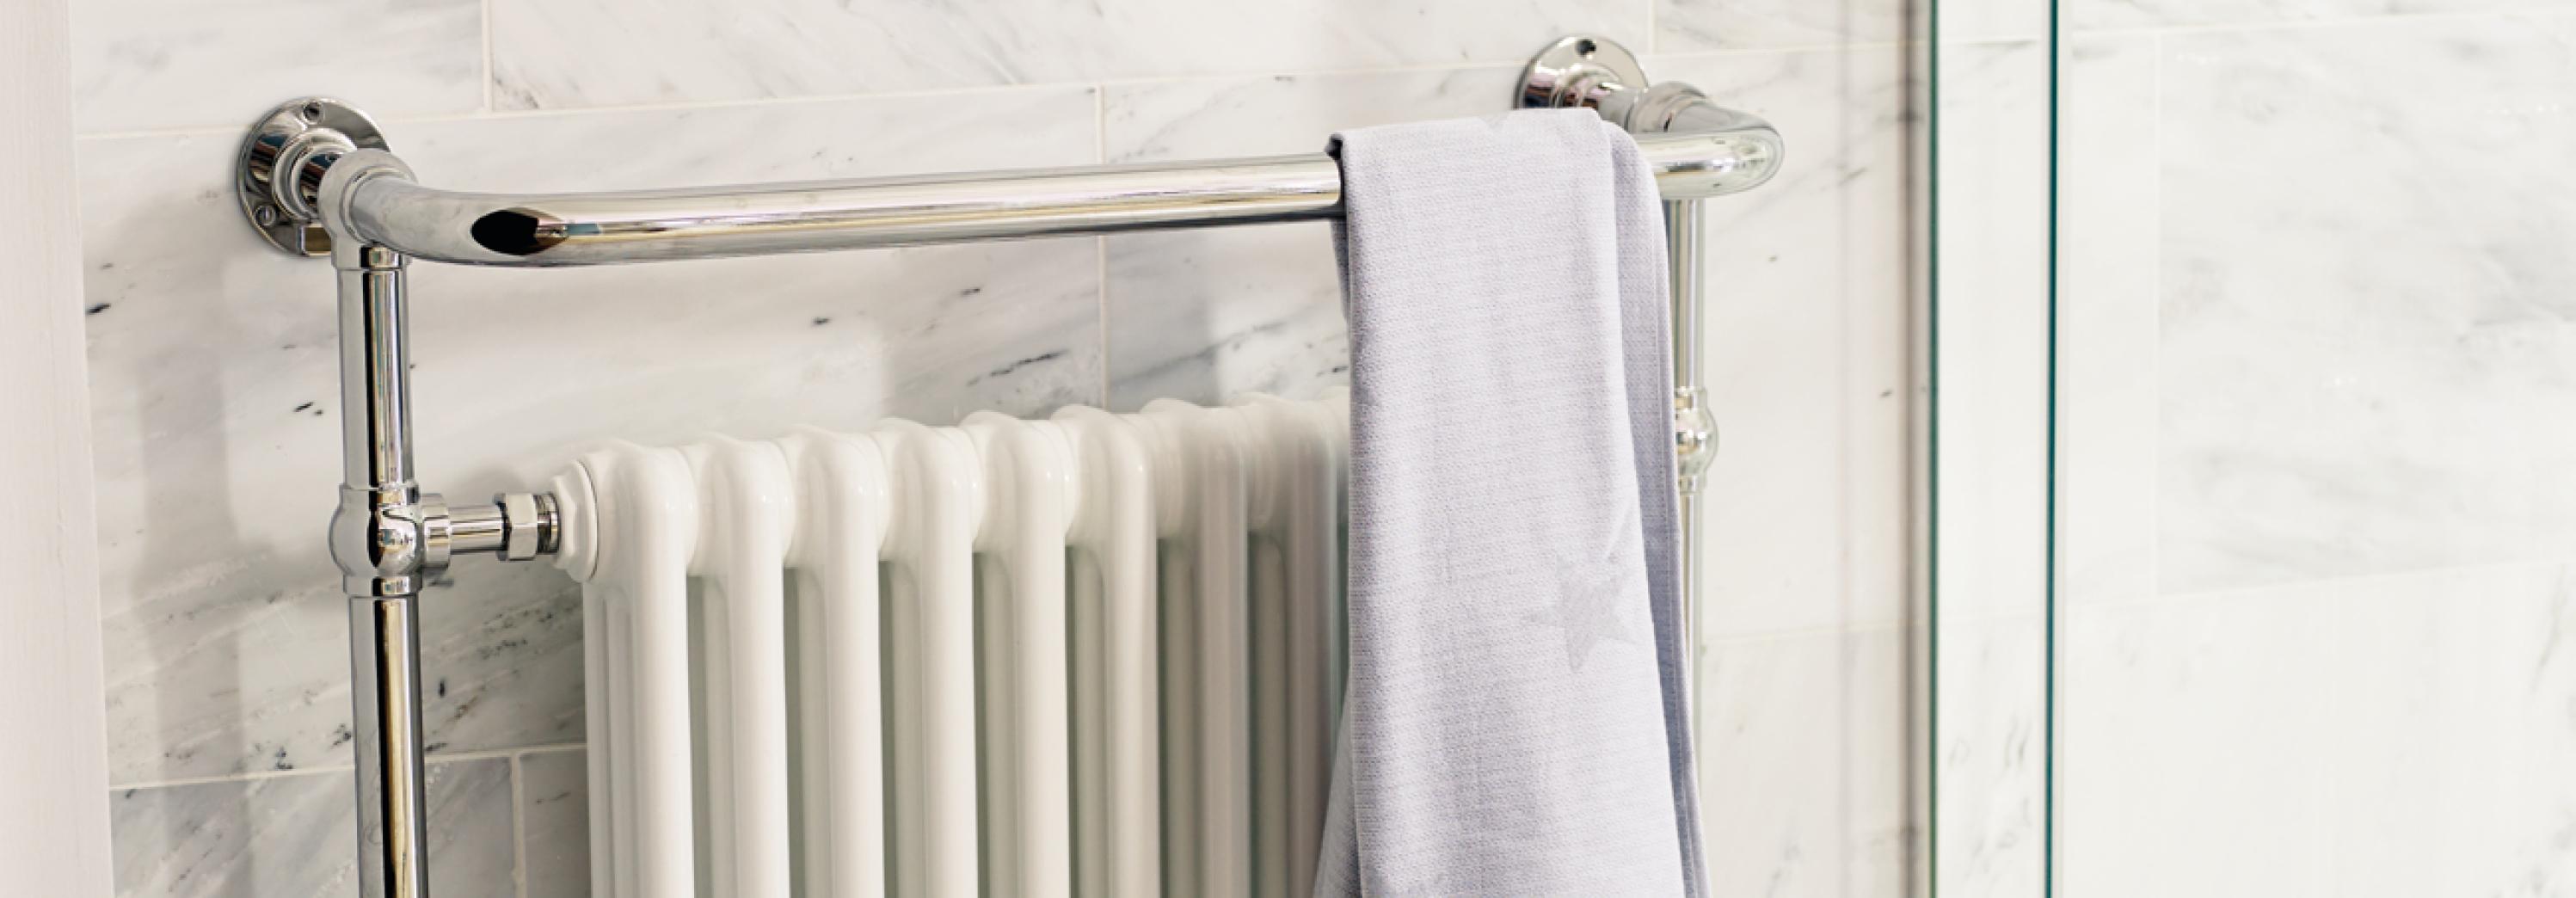 Eldridge Towel Warmers